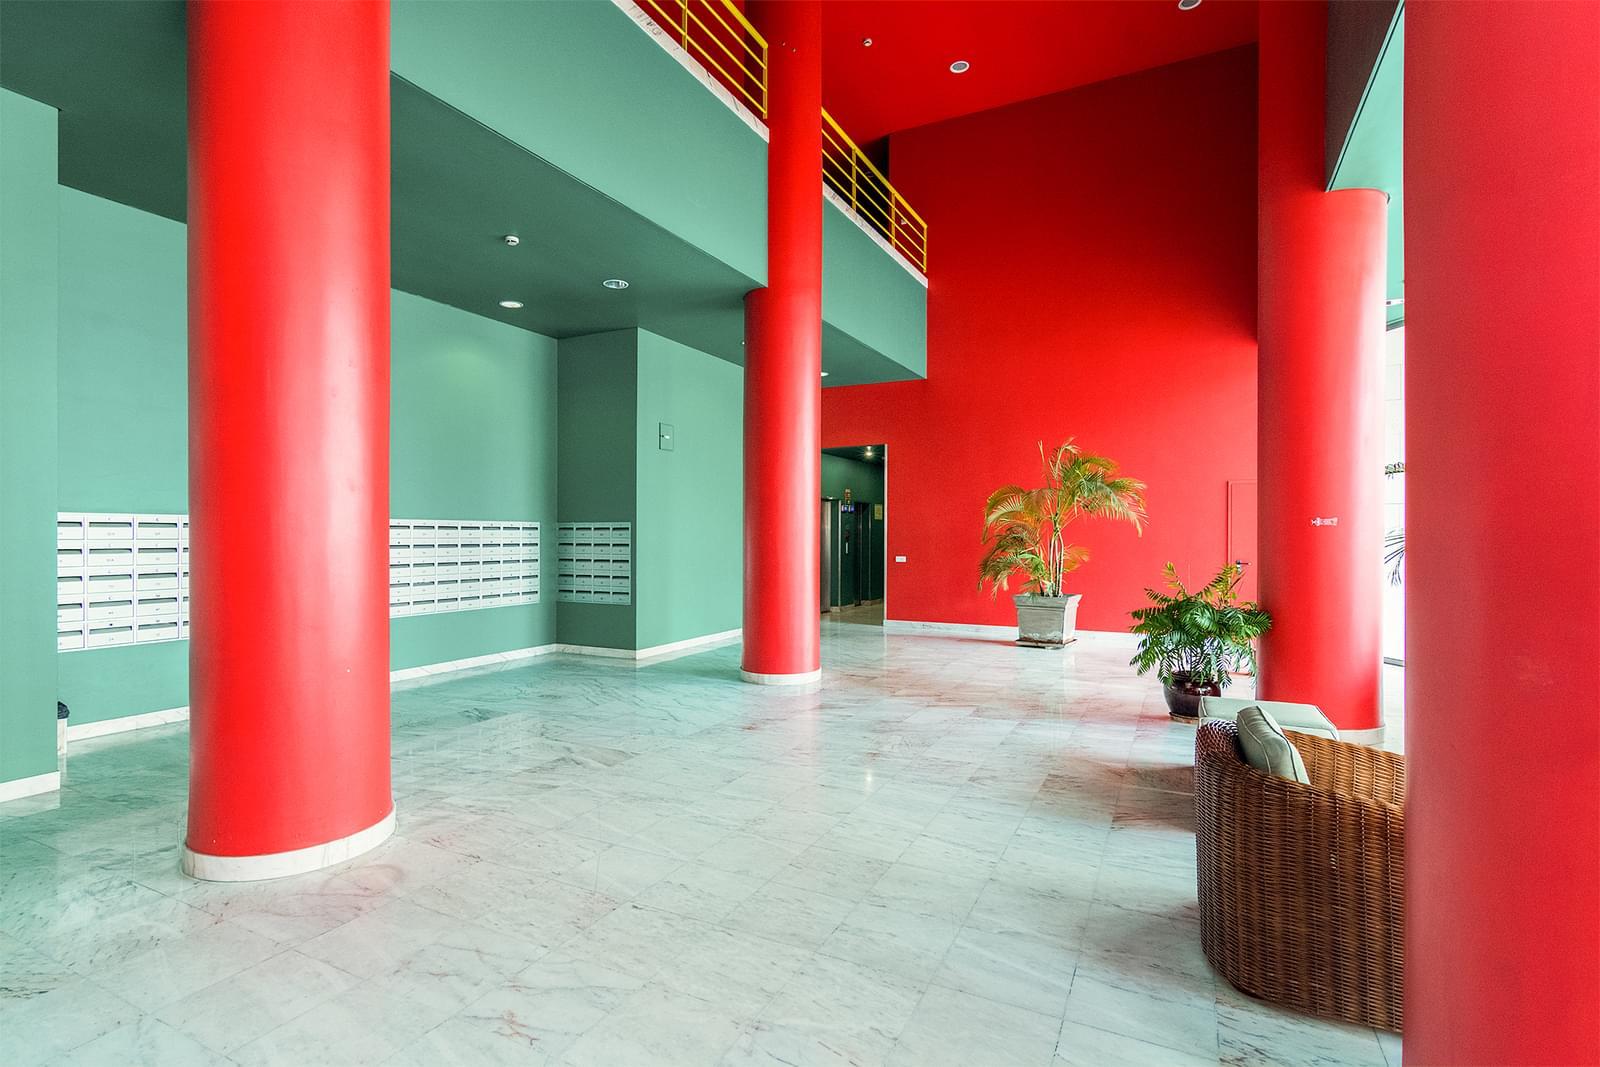 pf17449-apartamento-t4-lisboa-1ba447b5-7b29-4453-b6b9-45088a4c7b59